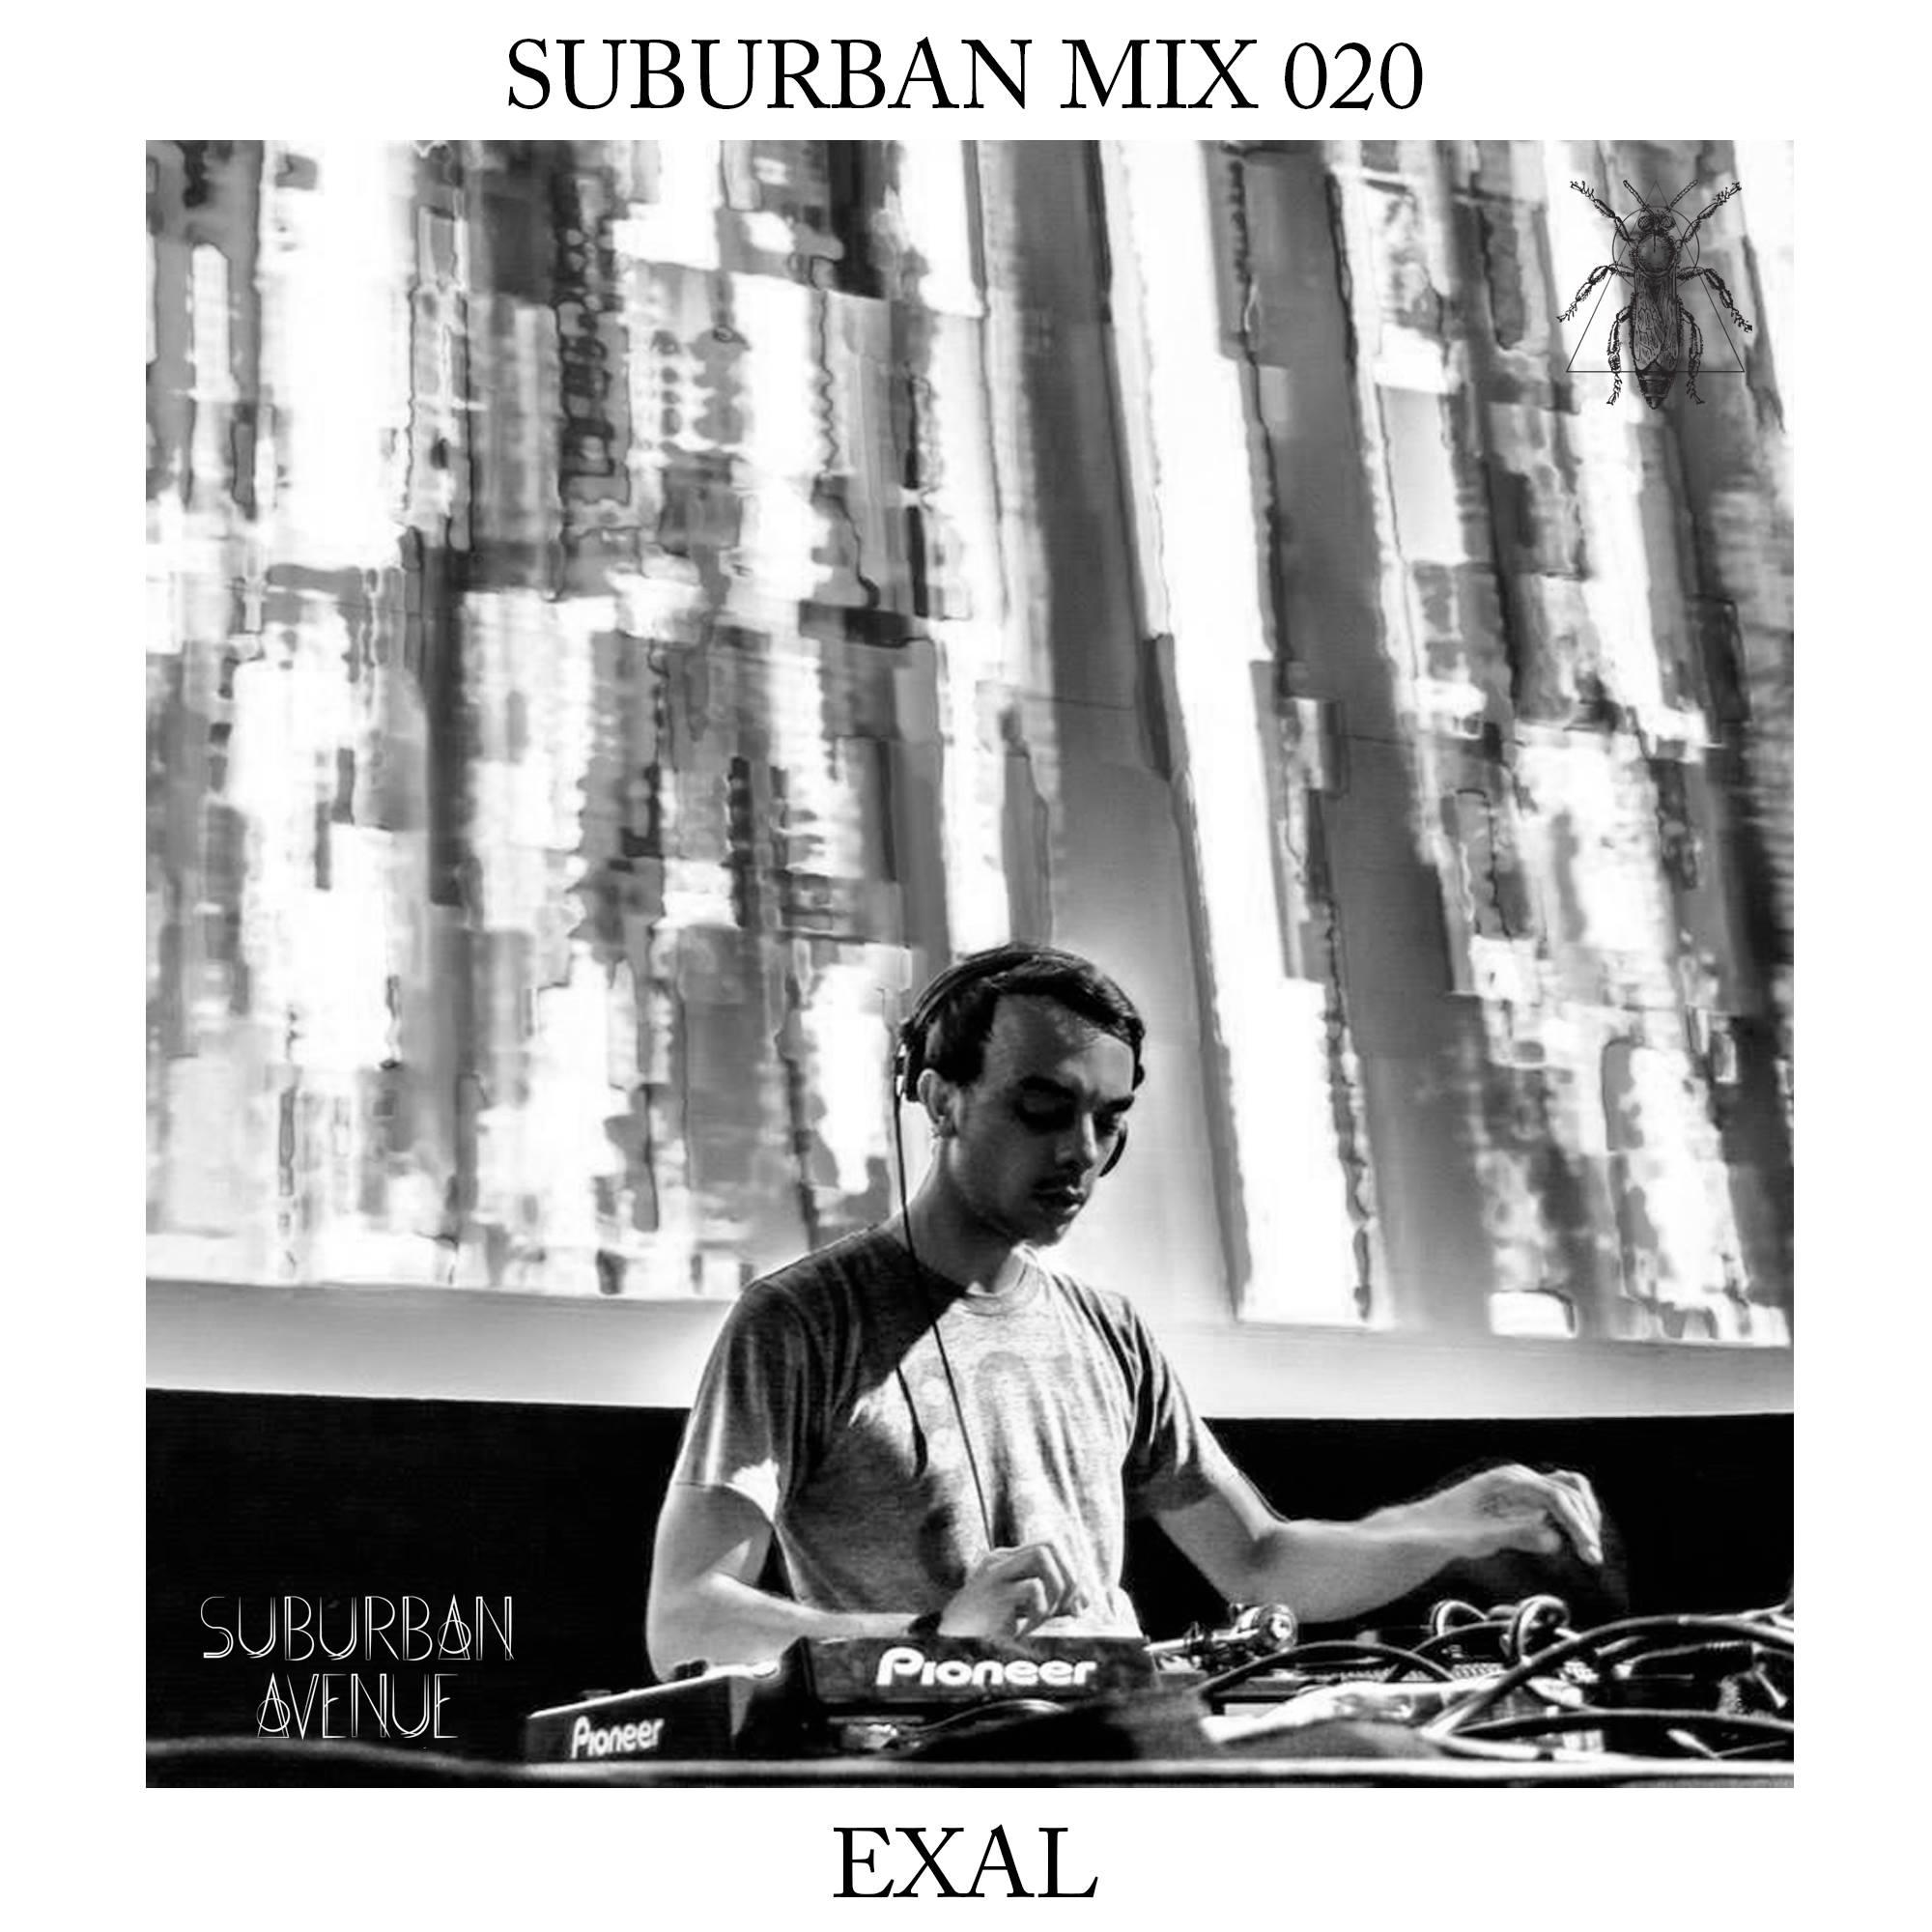 Suburban Mix 020 - Exal